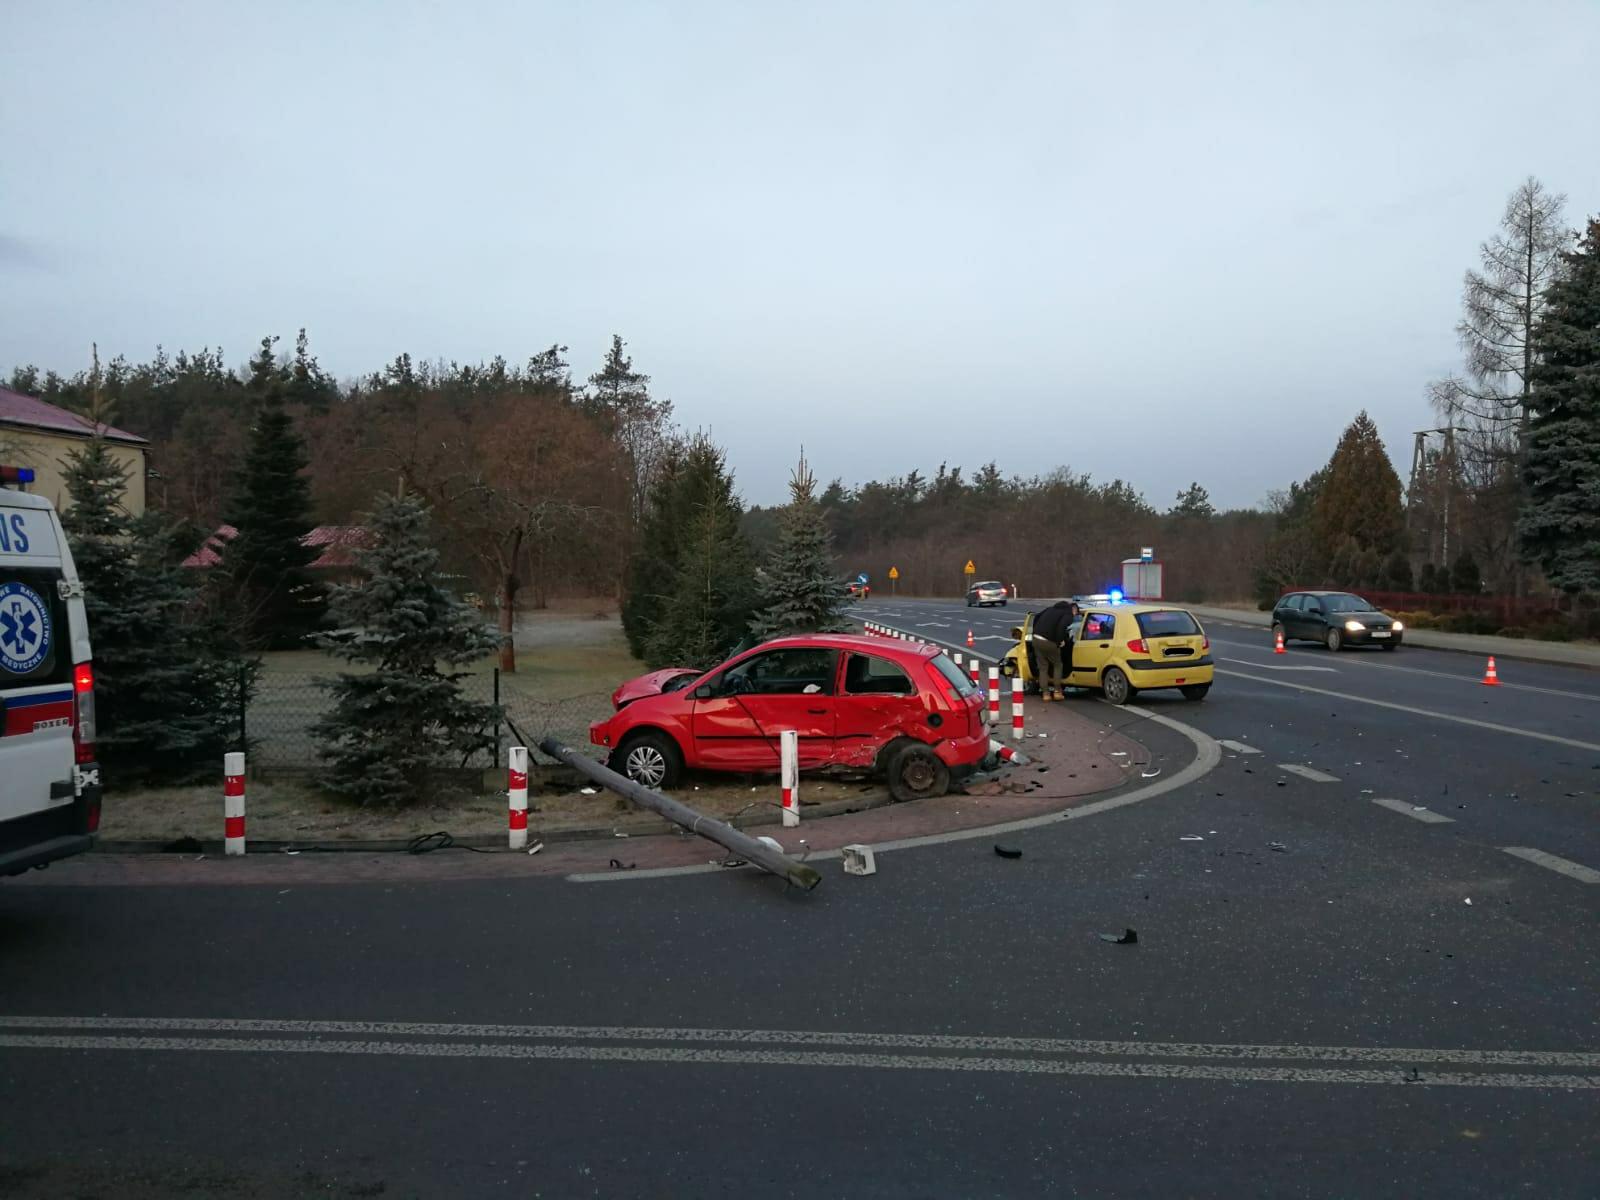 UWAGA UTRUDNIENIA. Wypadek w Przyłęku. Zderzyły się 2 auta [FOTO]  - Zdjęcie główne